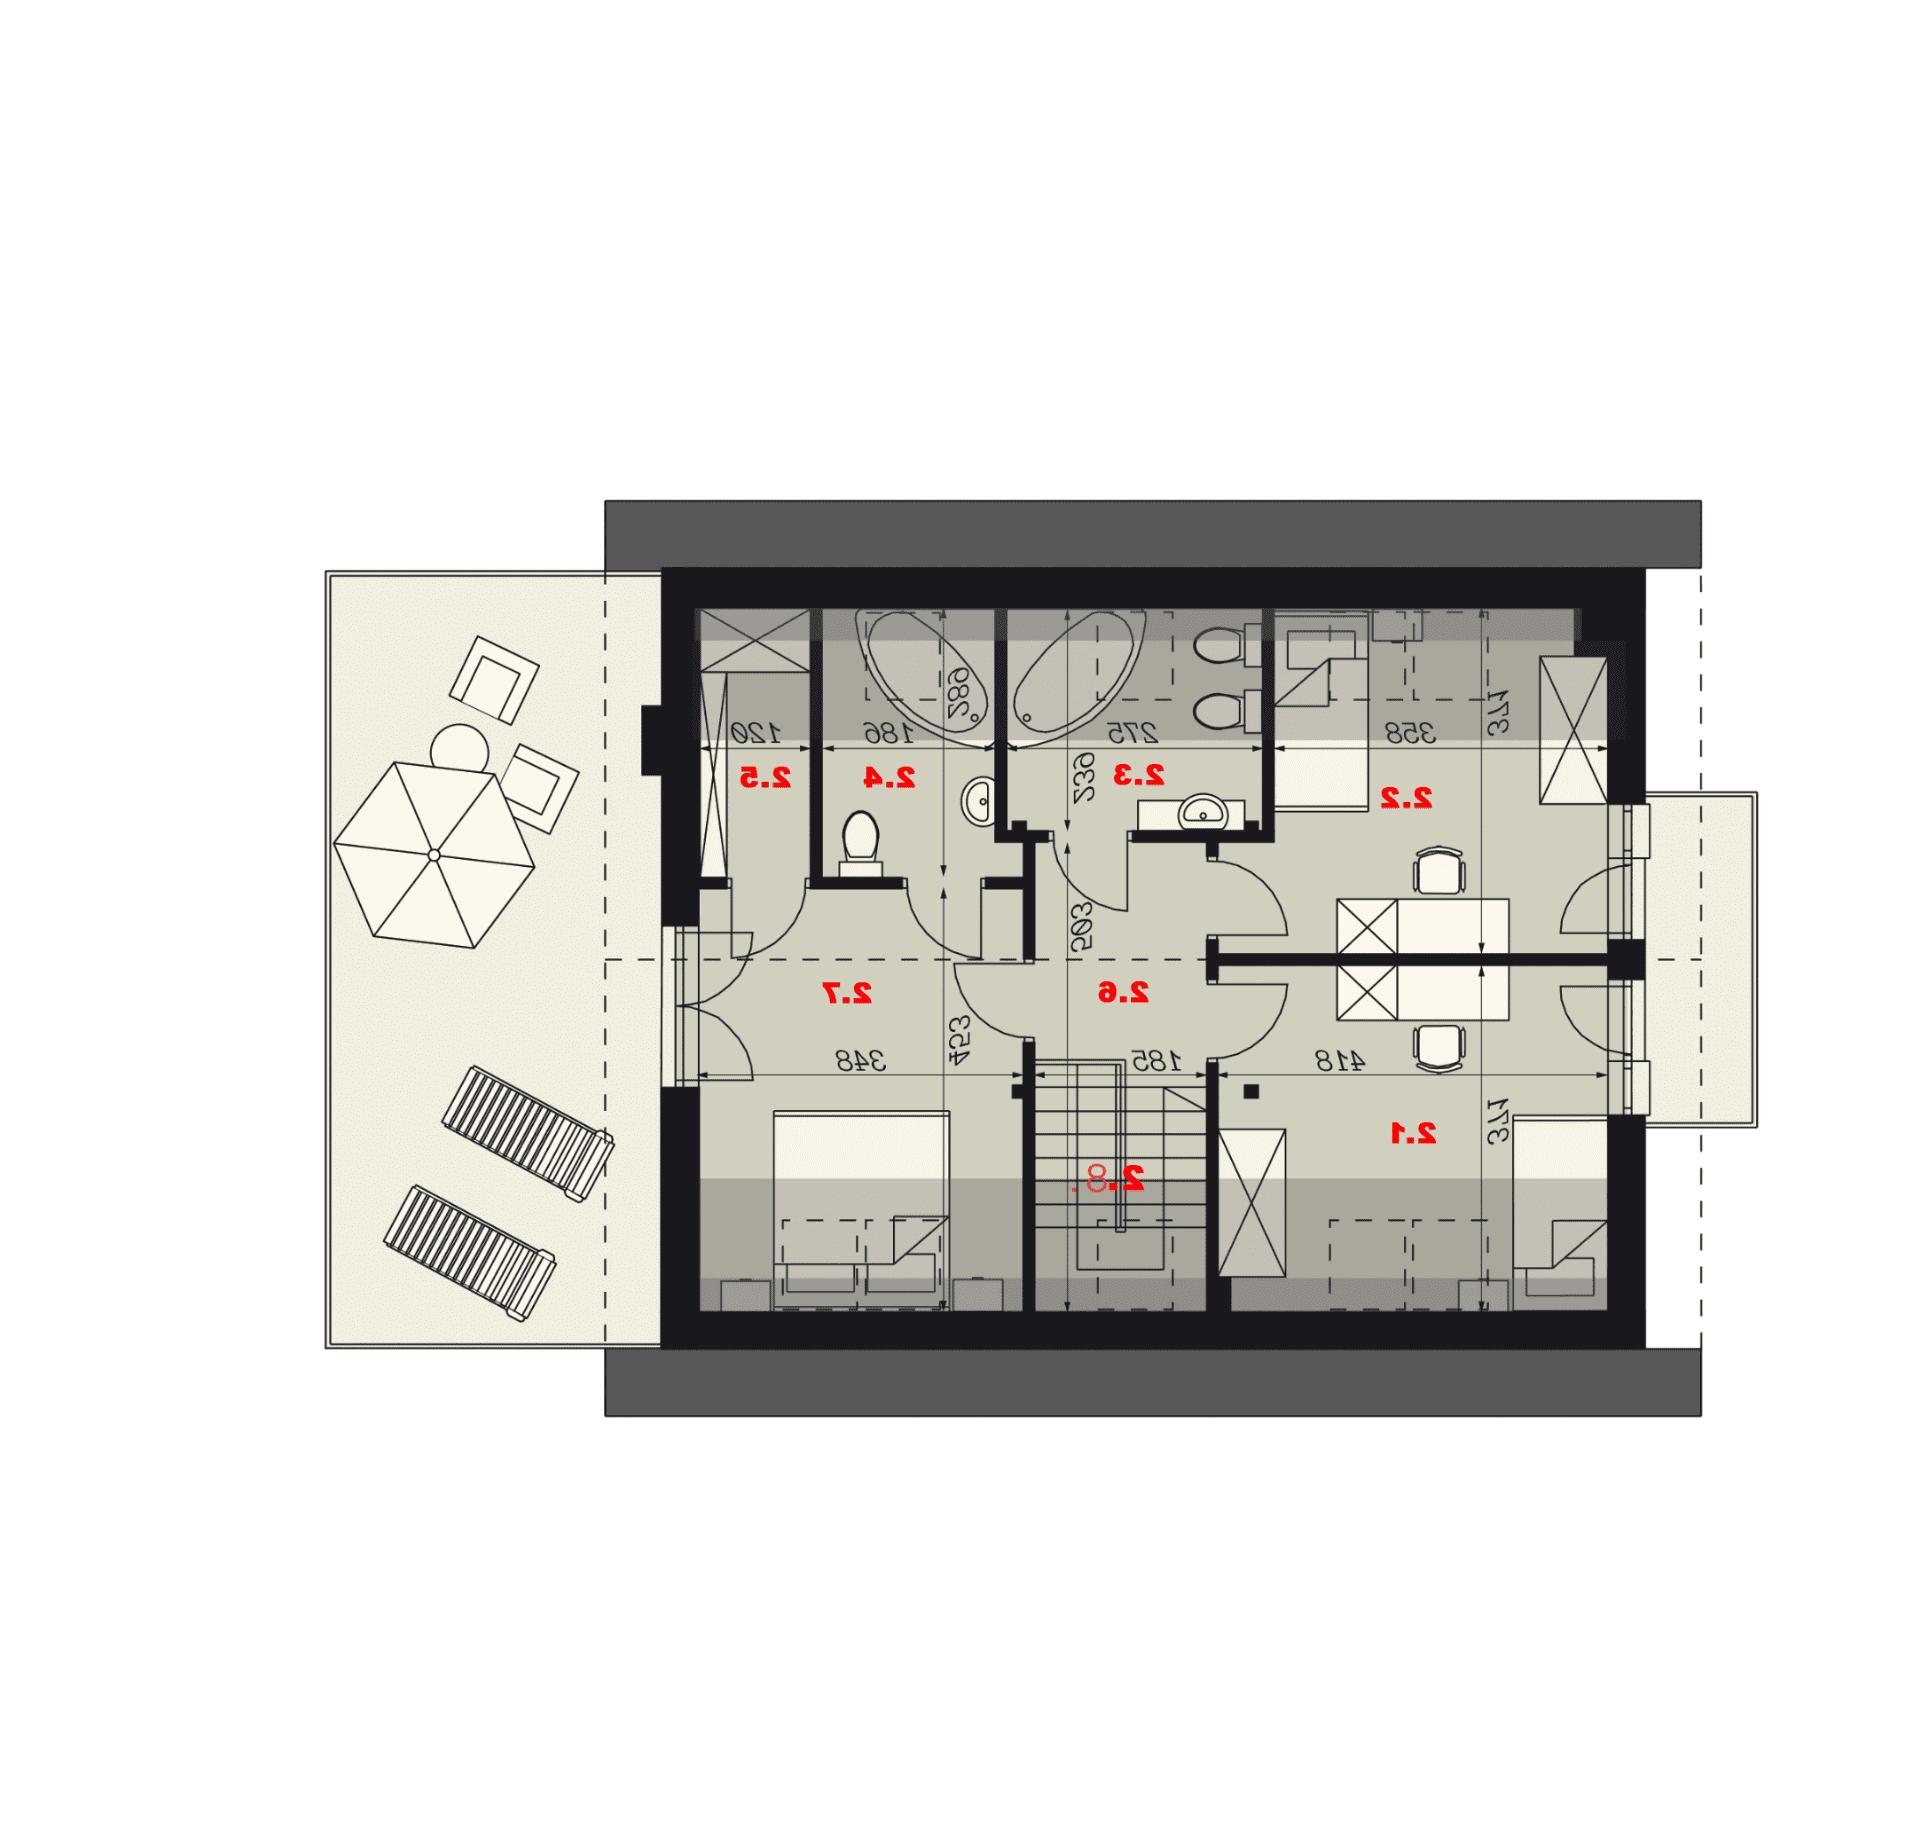 Rzut poddasza - projekt domu SEJ-PRO 003 ENERGO - odbicie lustrzane